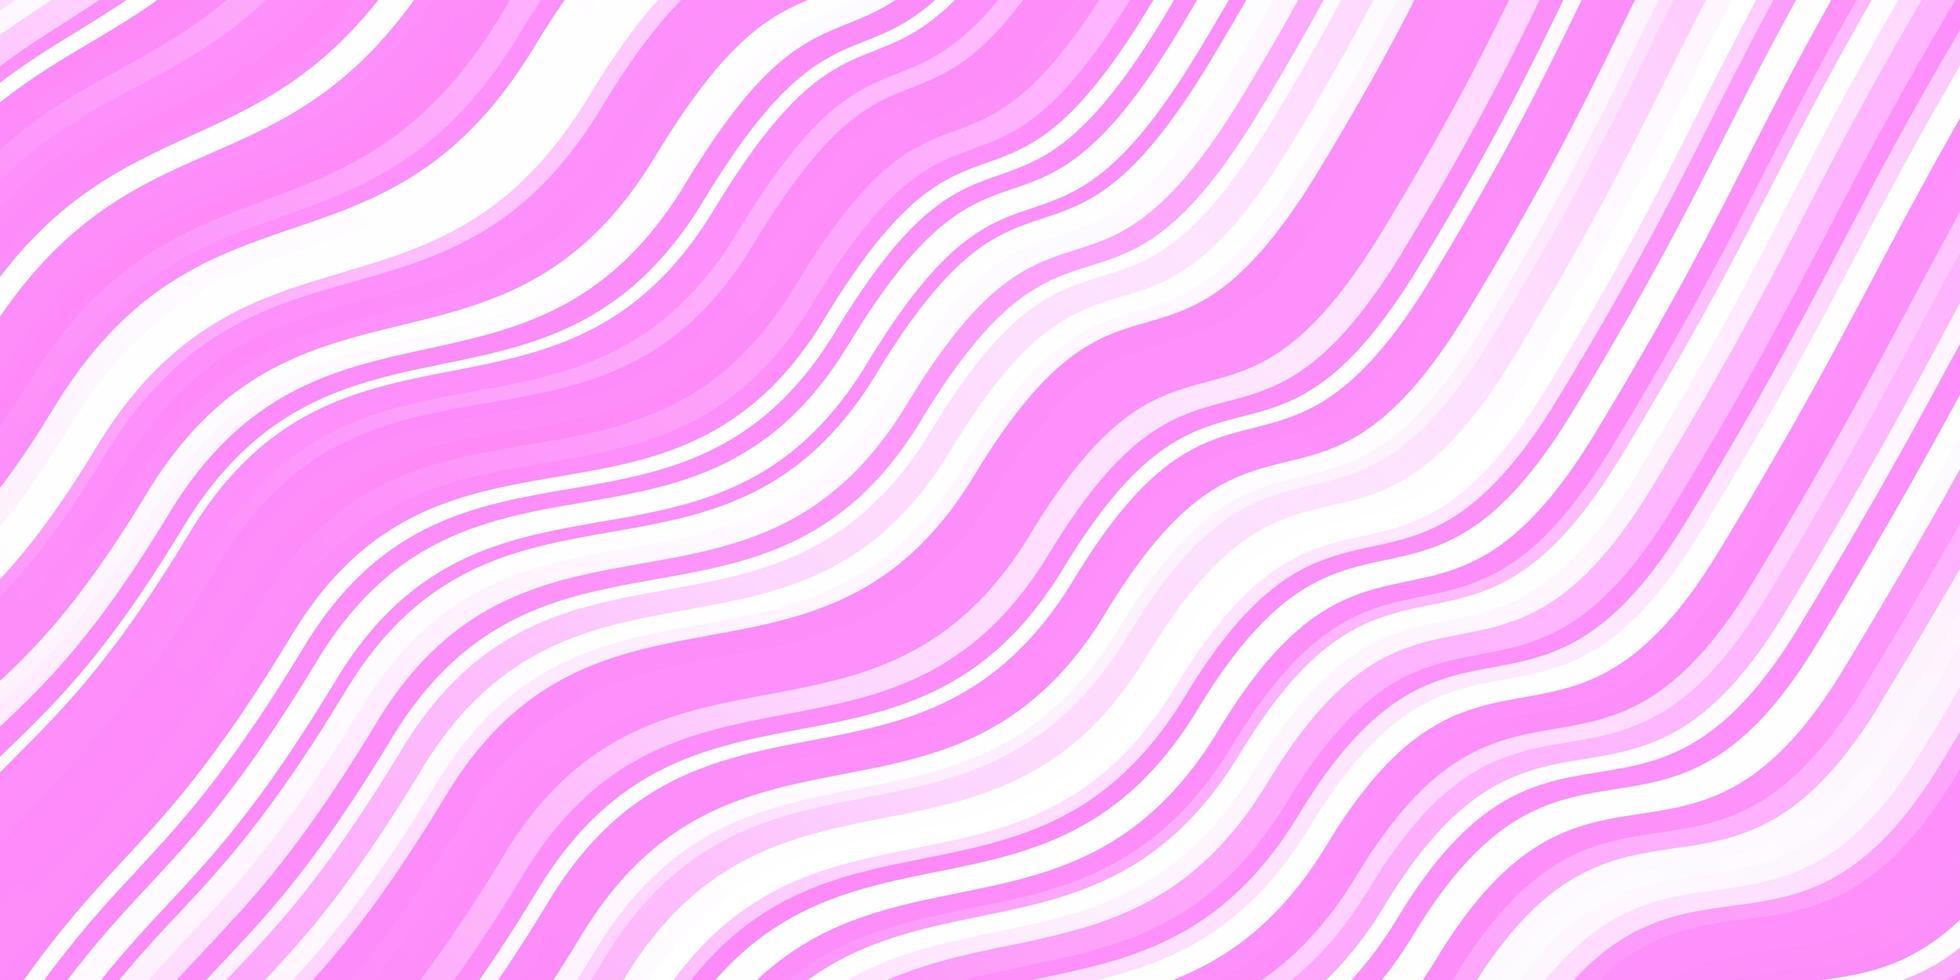 modello rosa con linee curve. vettore